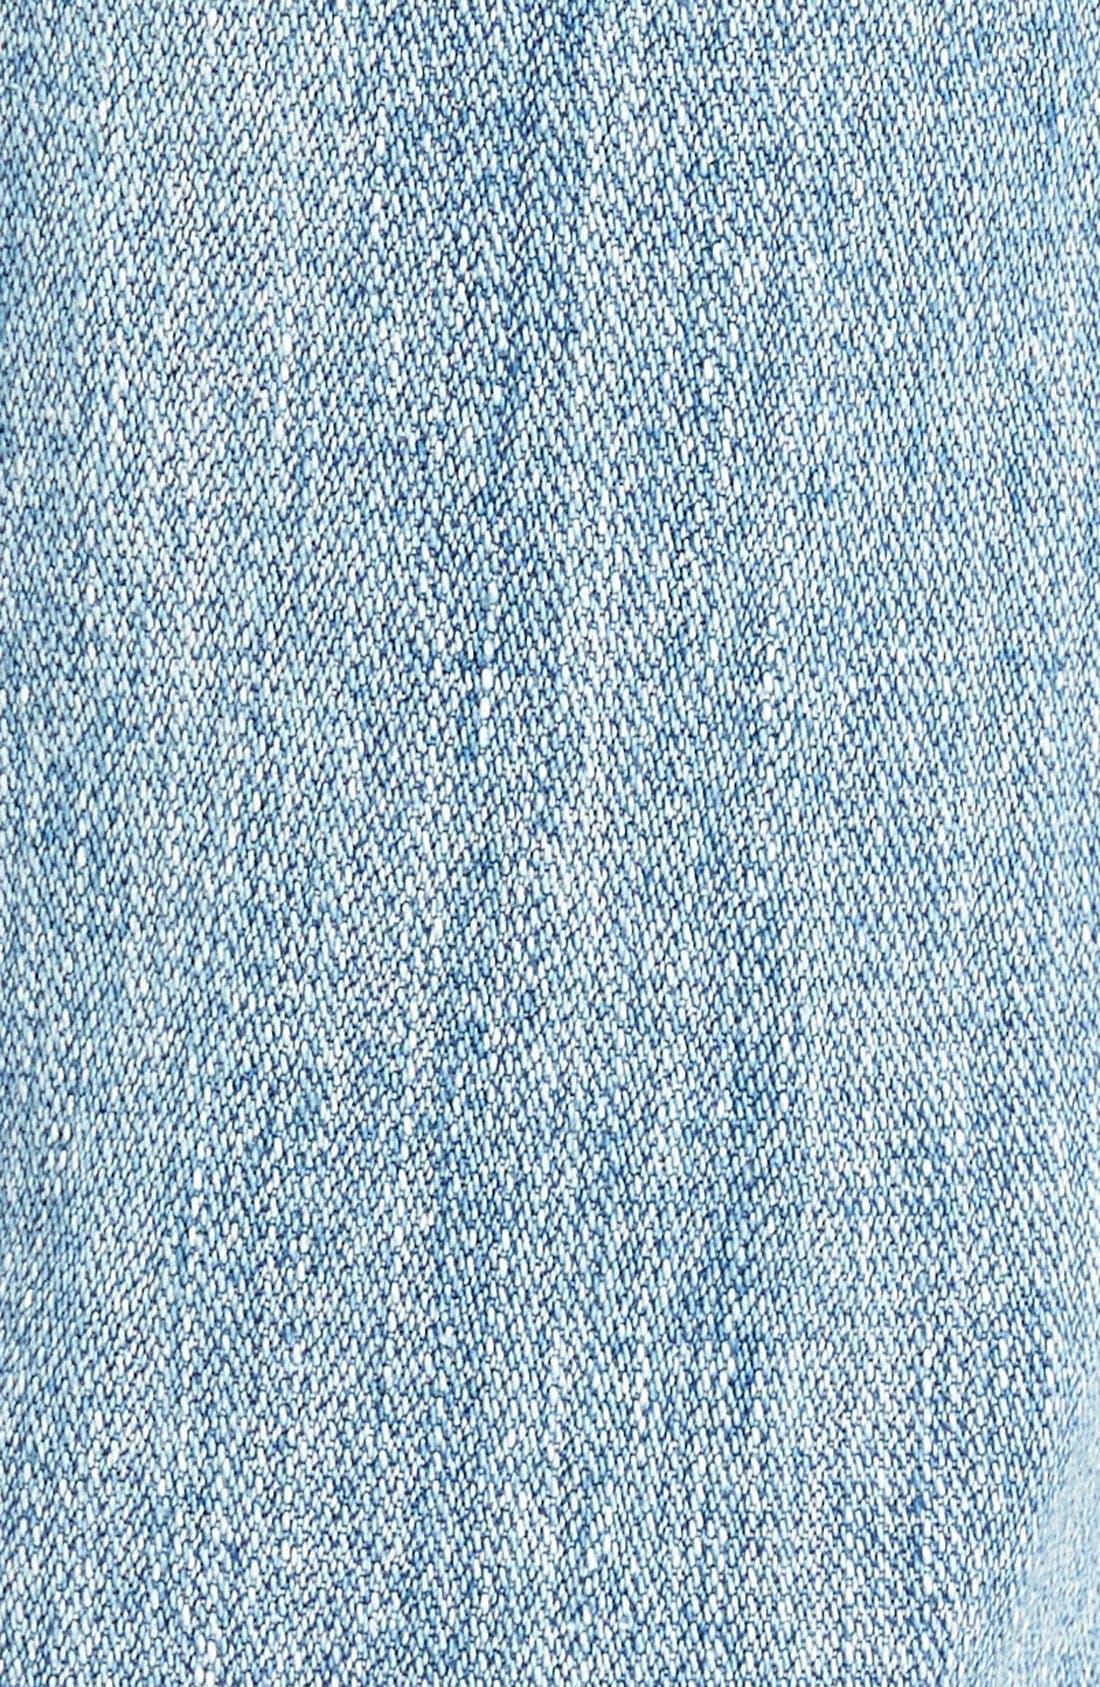 Alternate Image 5  - One Teaspoon 'Awesome Baggies' CropBoyfriend Jeans